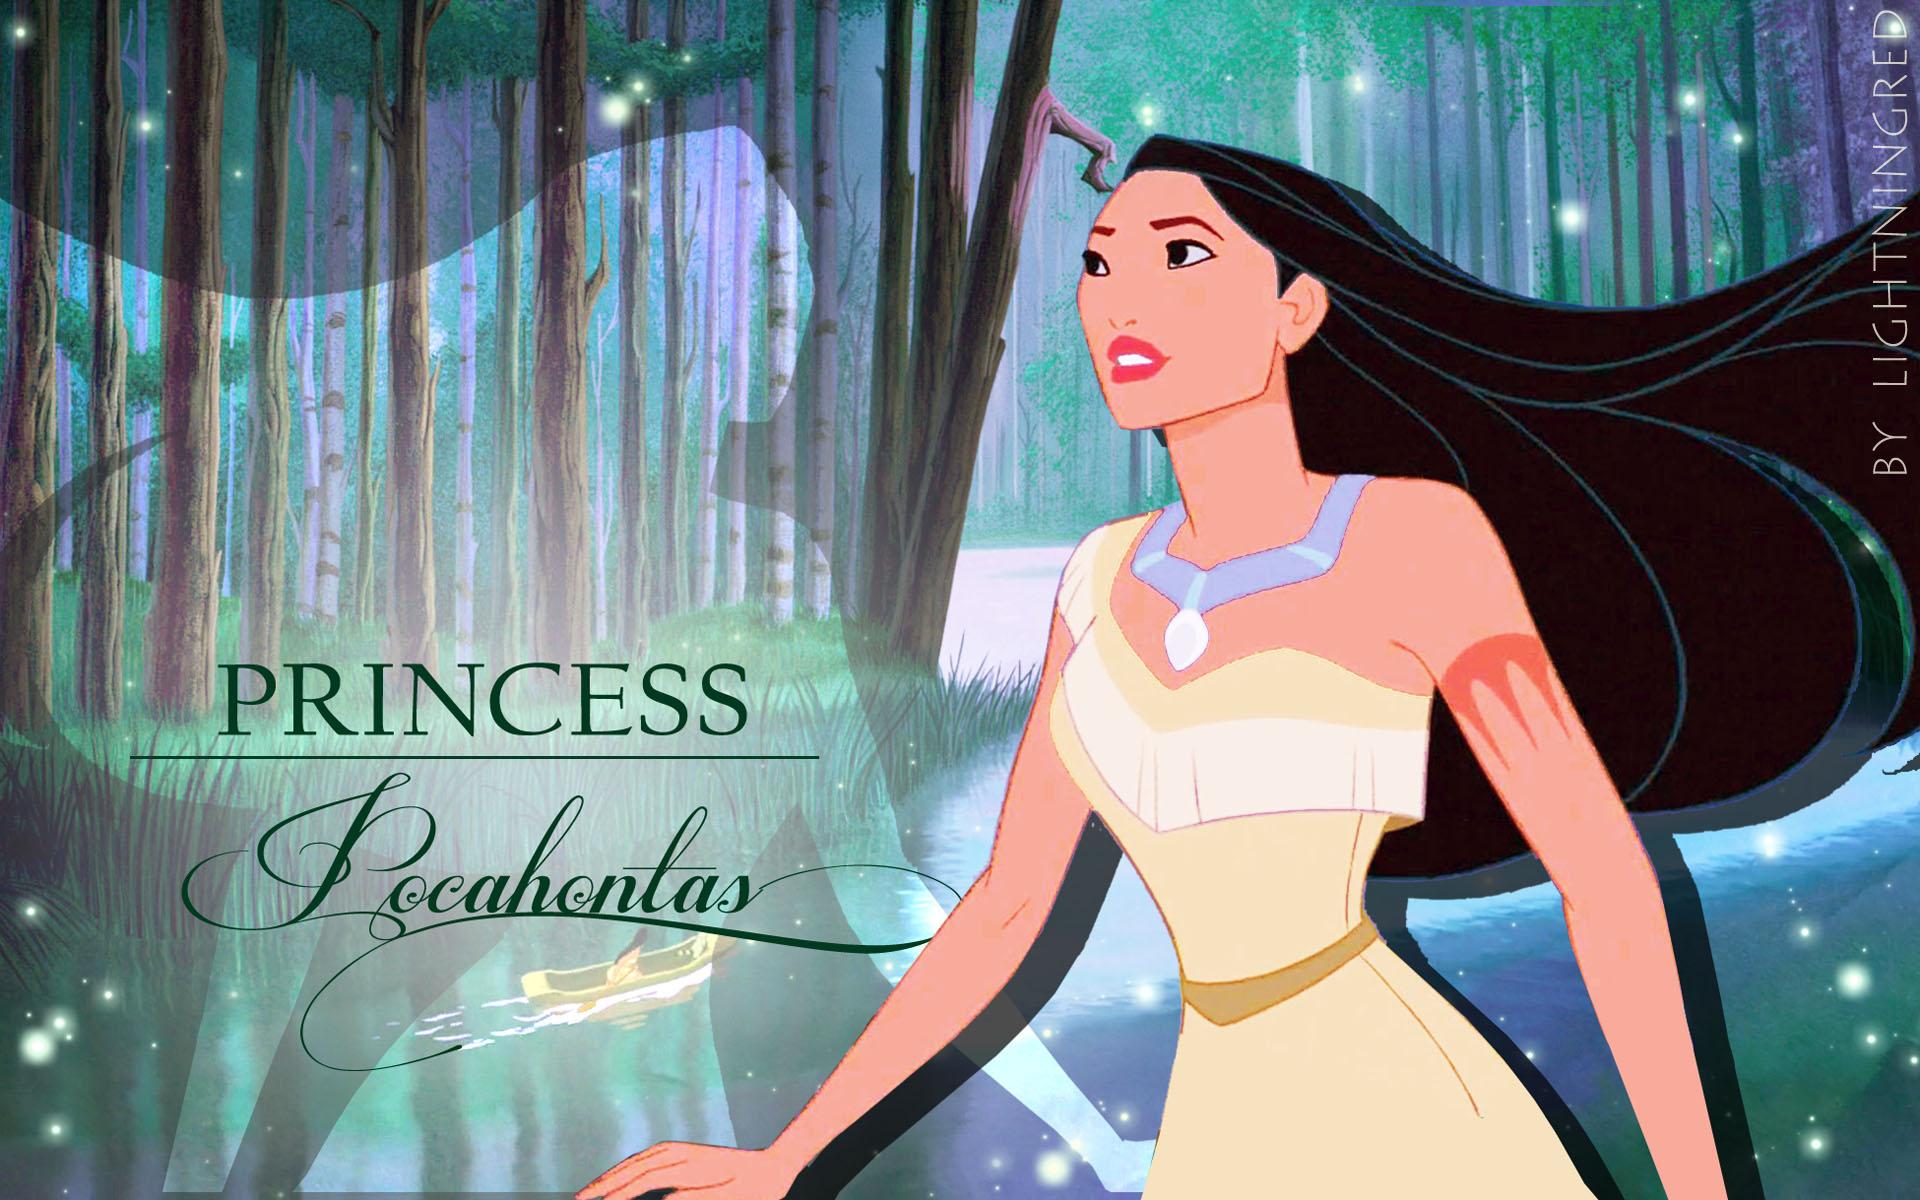 Disney Princess Princess Pocahontas